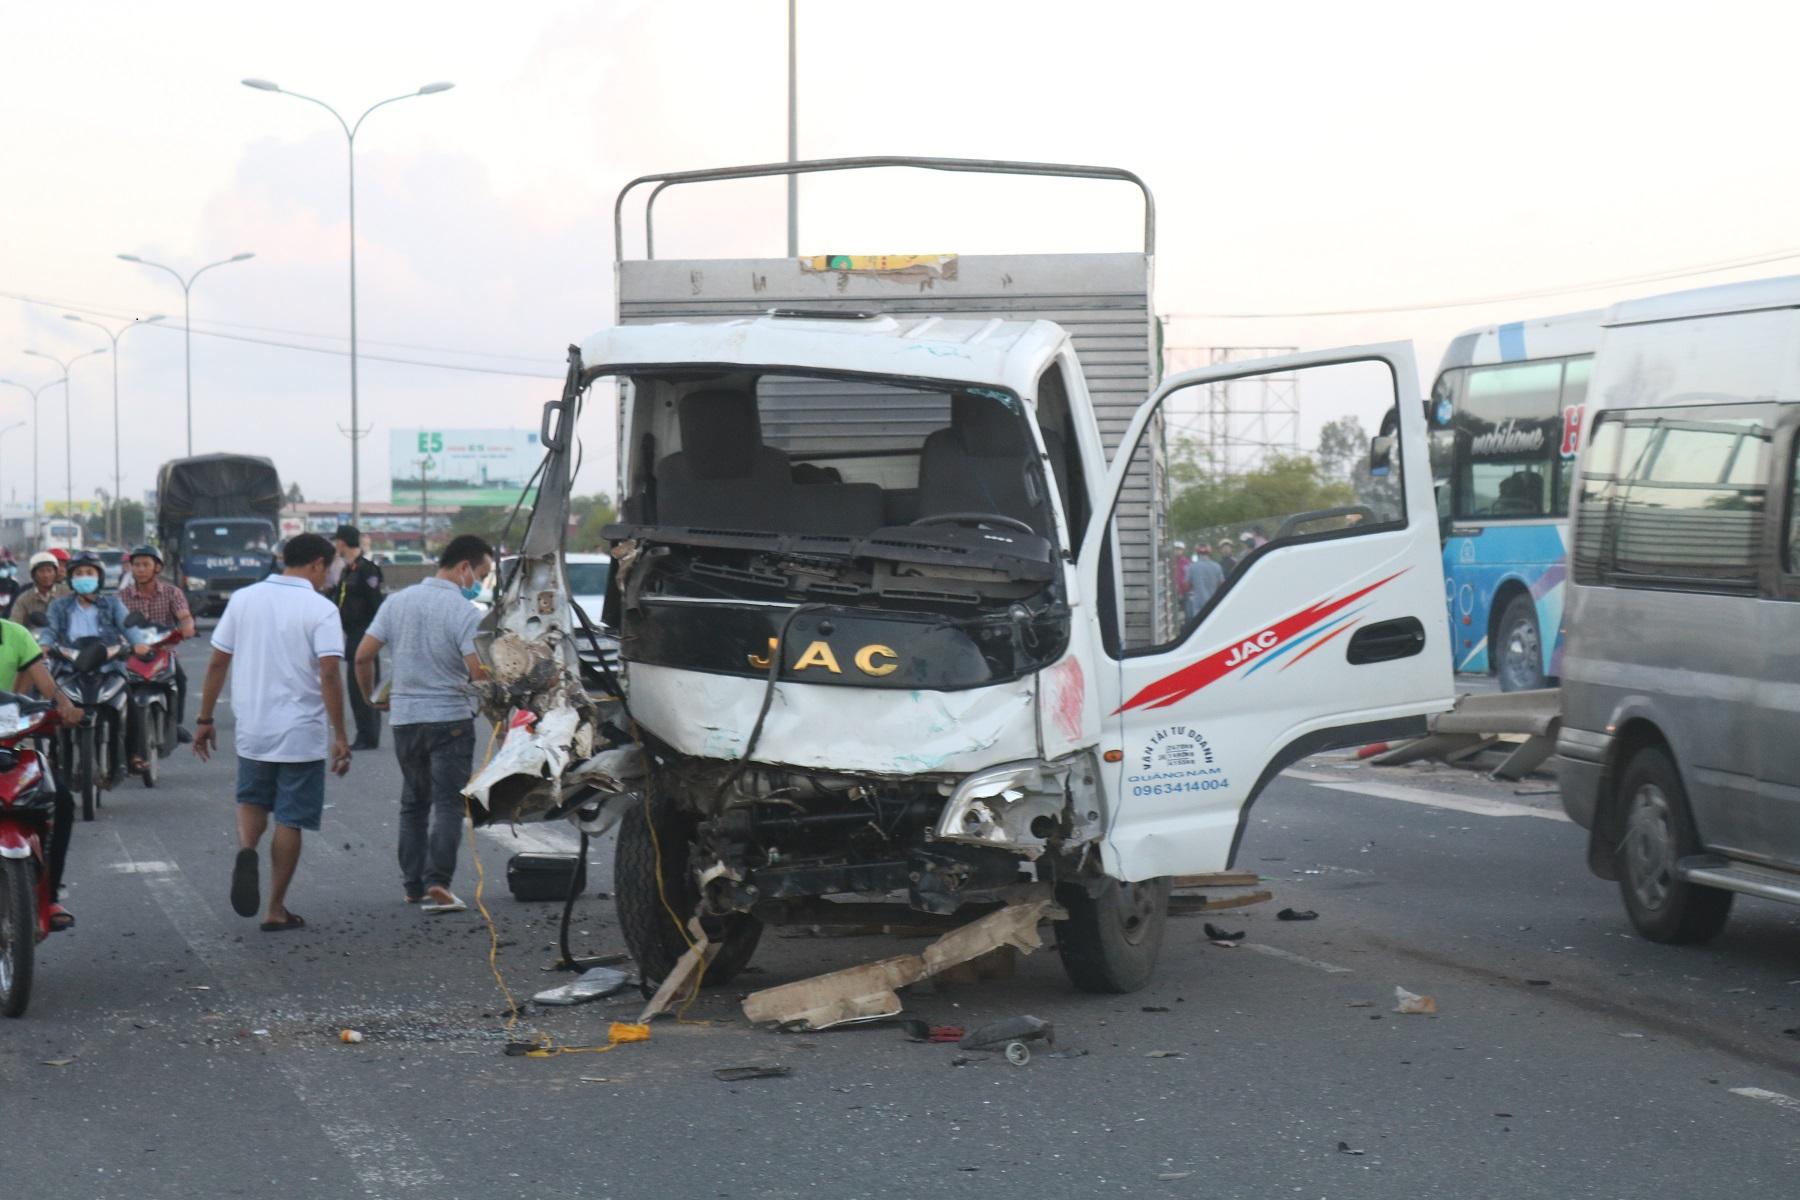 Quảng Nam: Tai nạn liên hoàn, một người tử vong